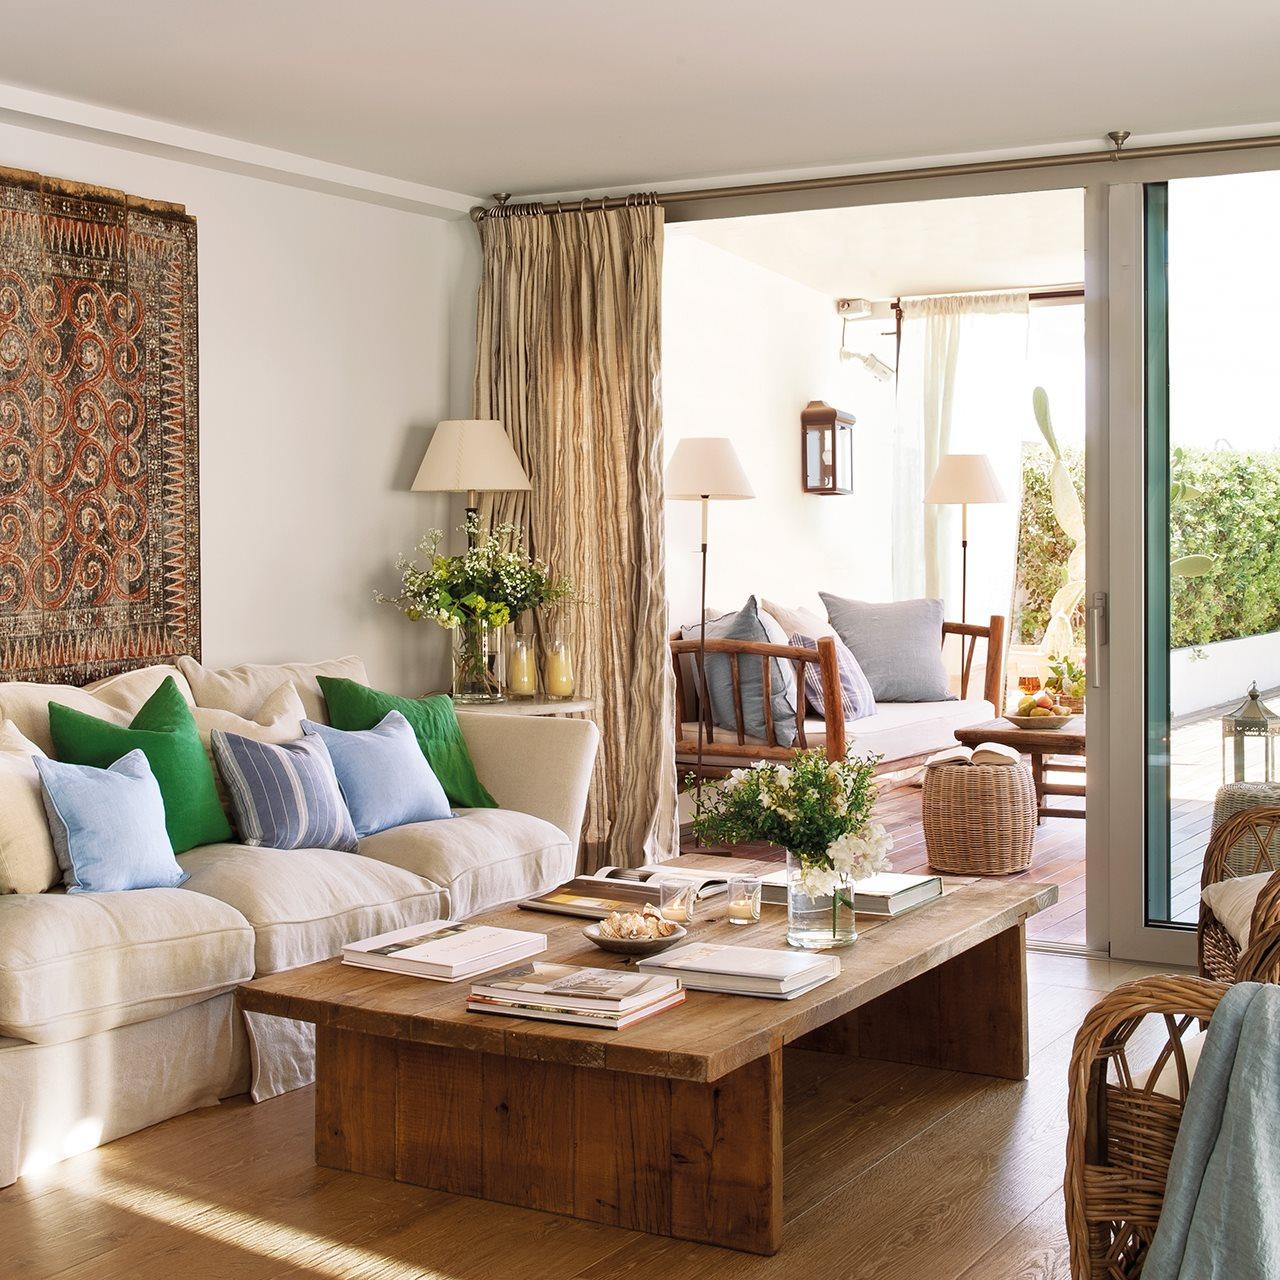 418 - Preciosa casa a orillas del Mediterráneo para unas vacaciones en Costa Blanca (Alicante)